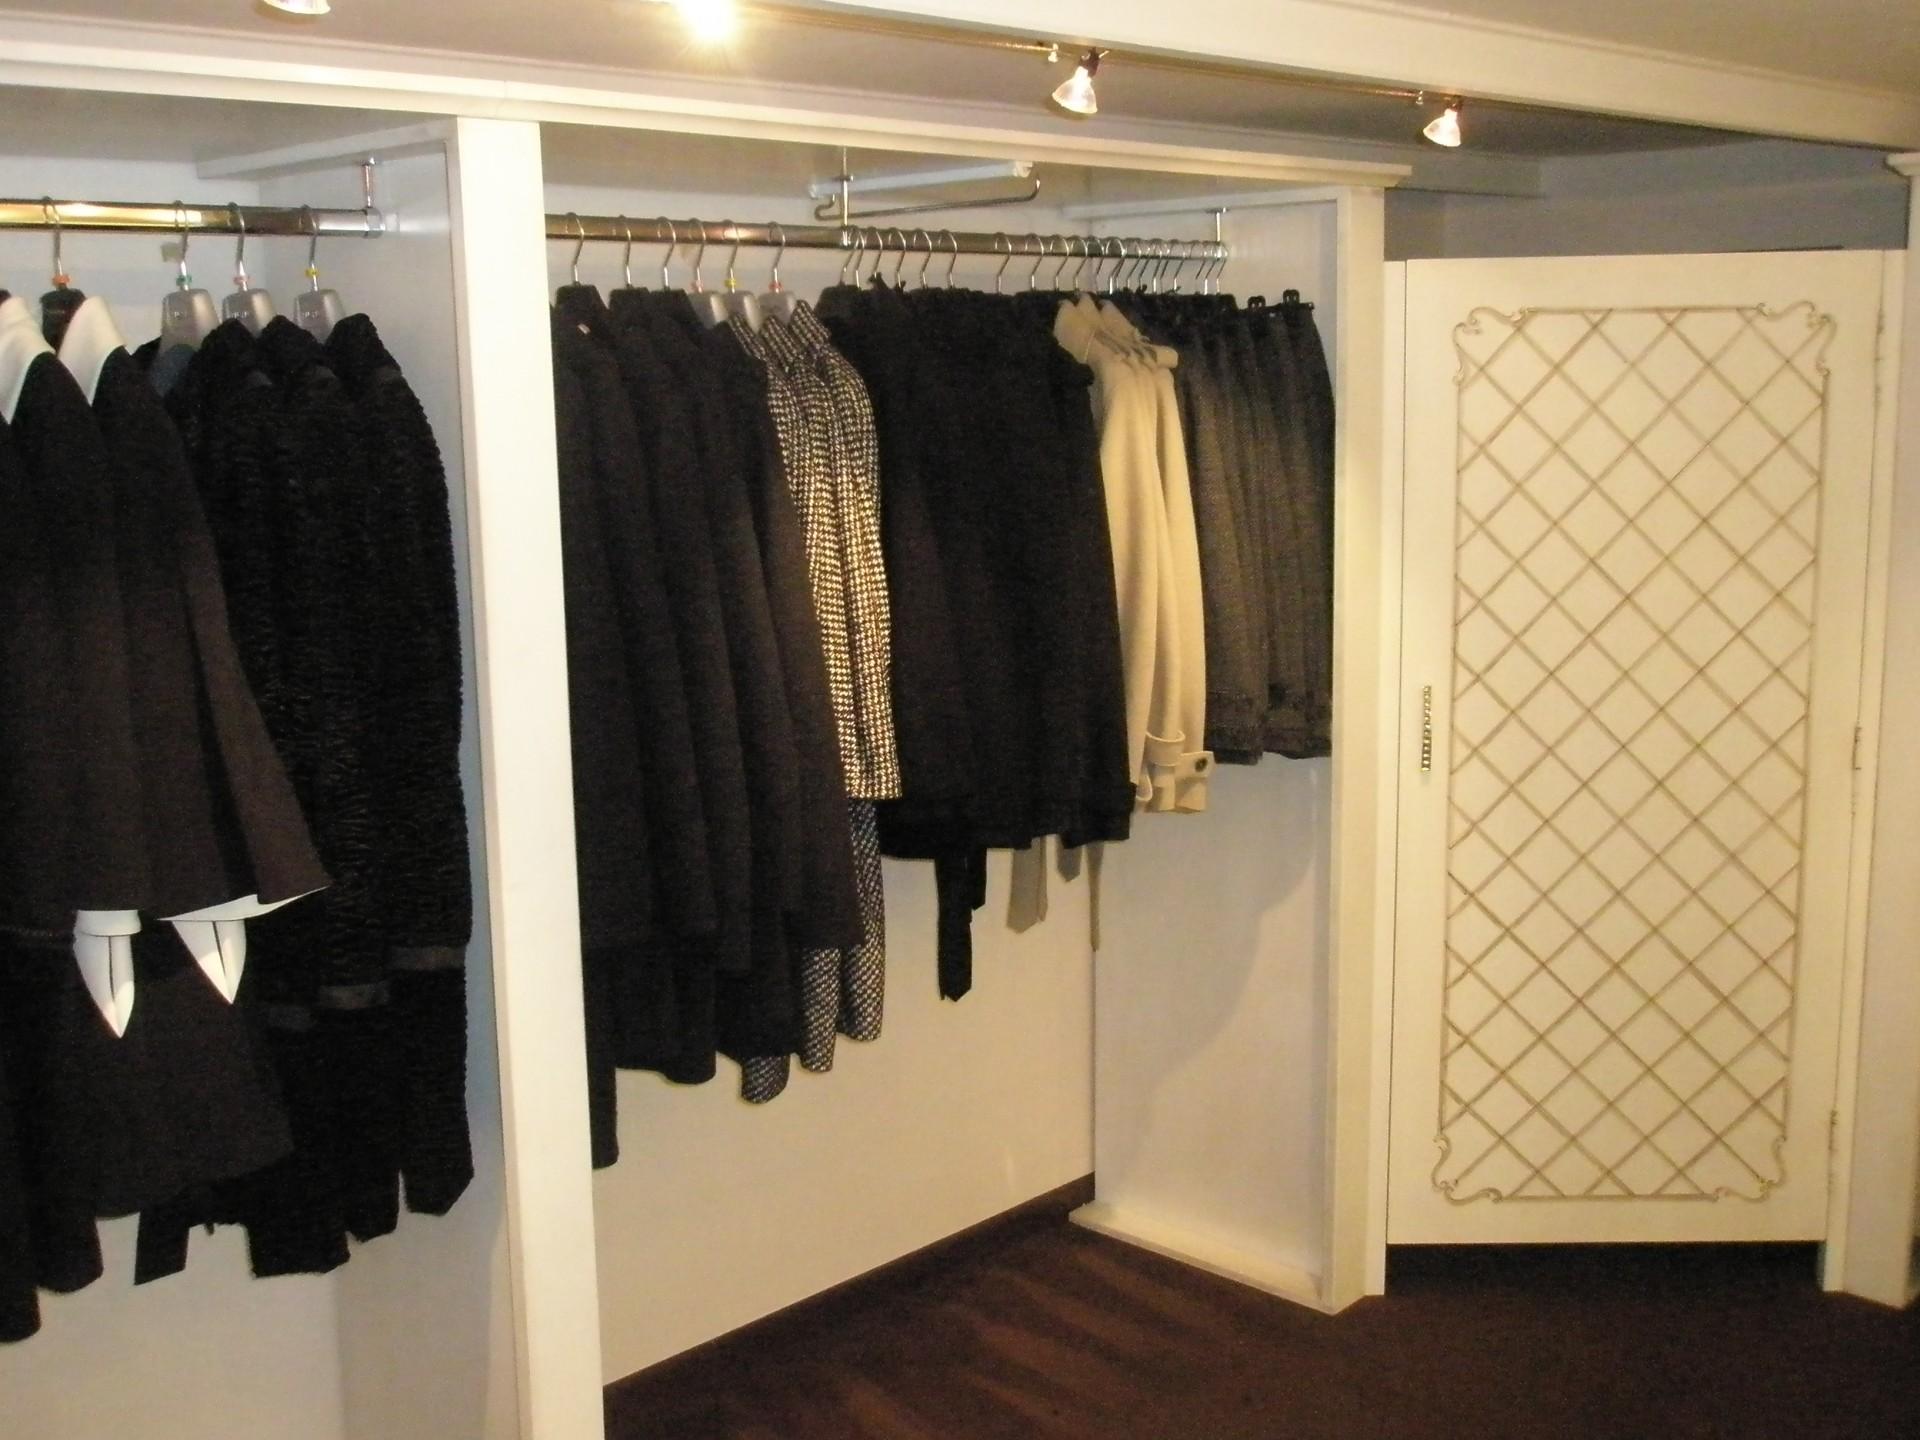 Negozi Arredamento Verona: Arredamento negozio abbigliamento usato ...